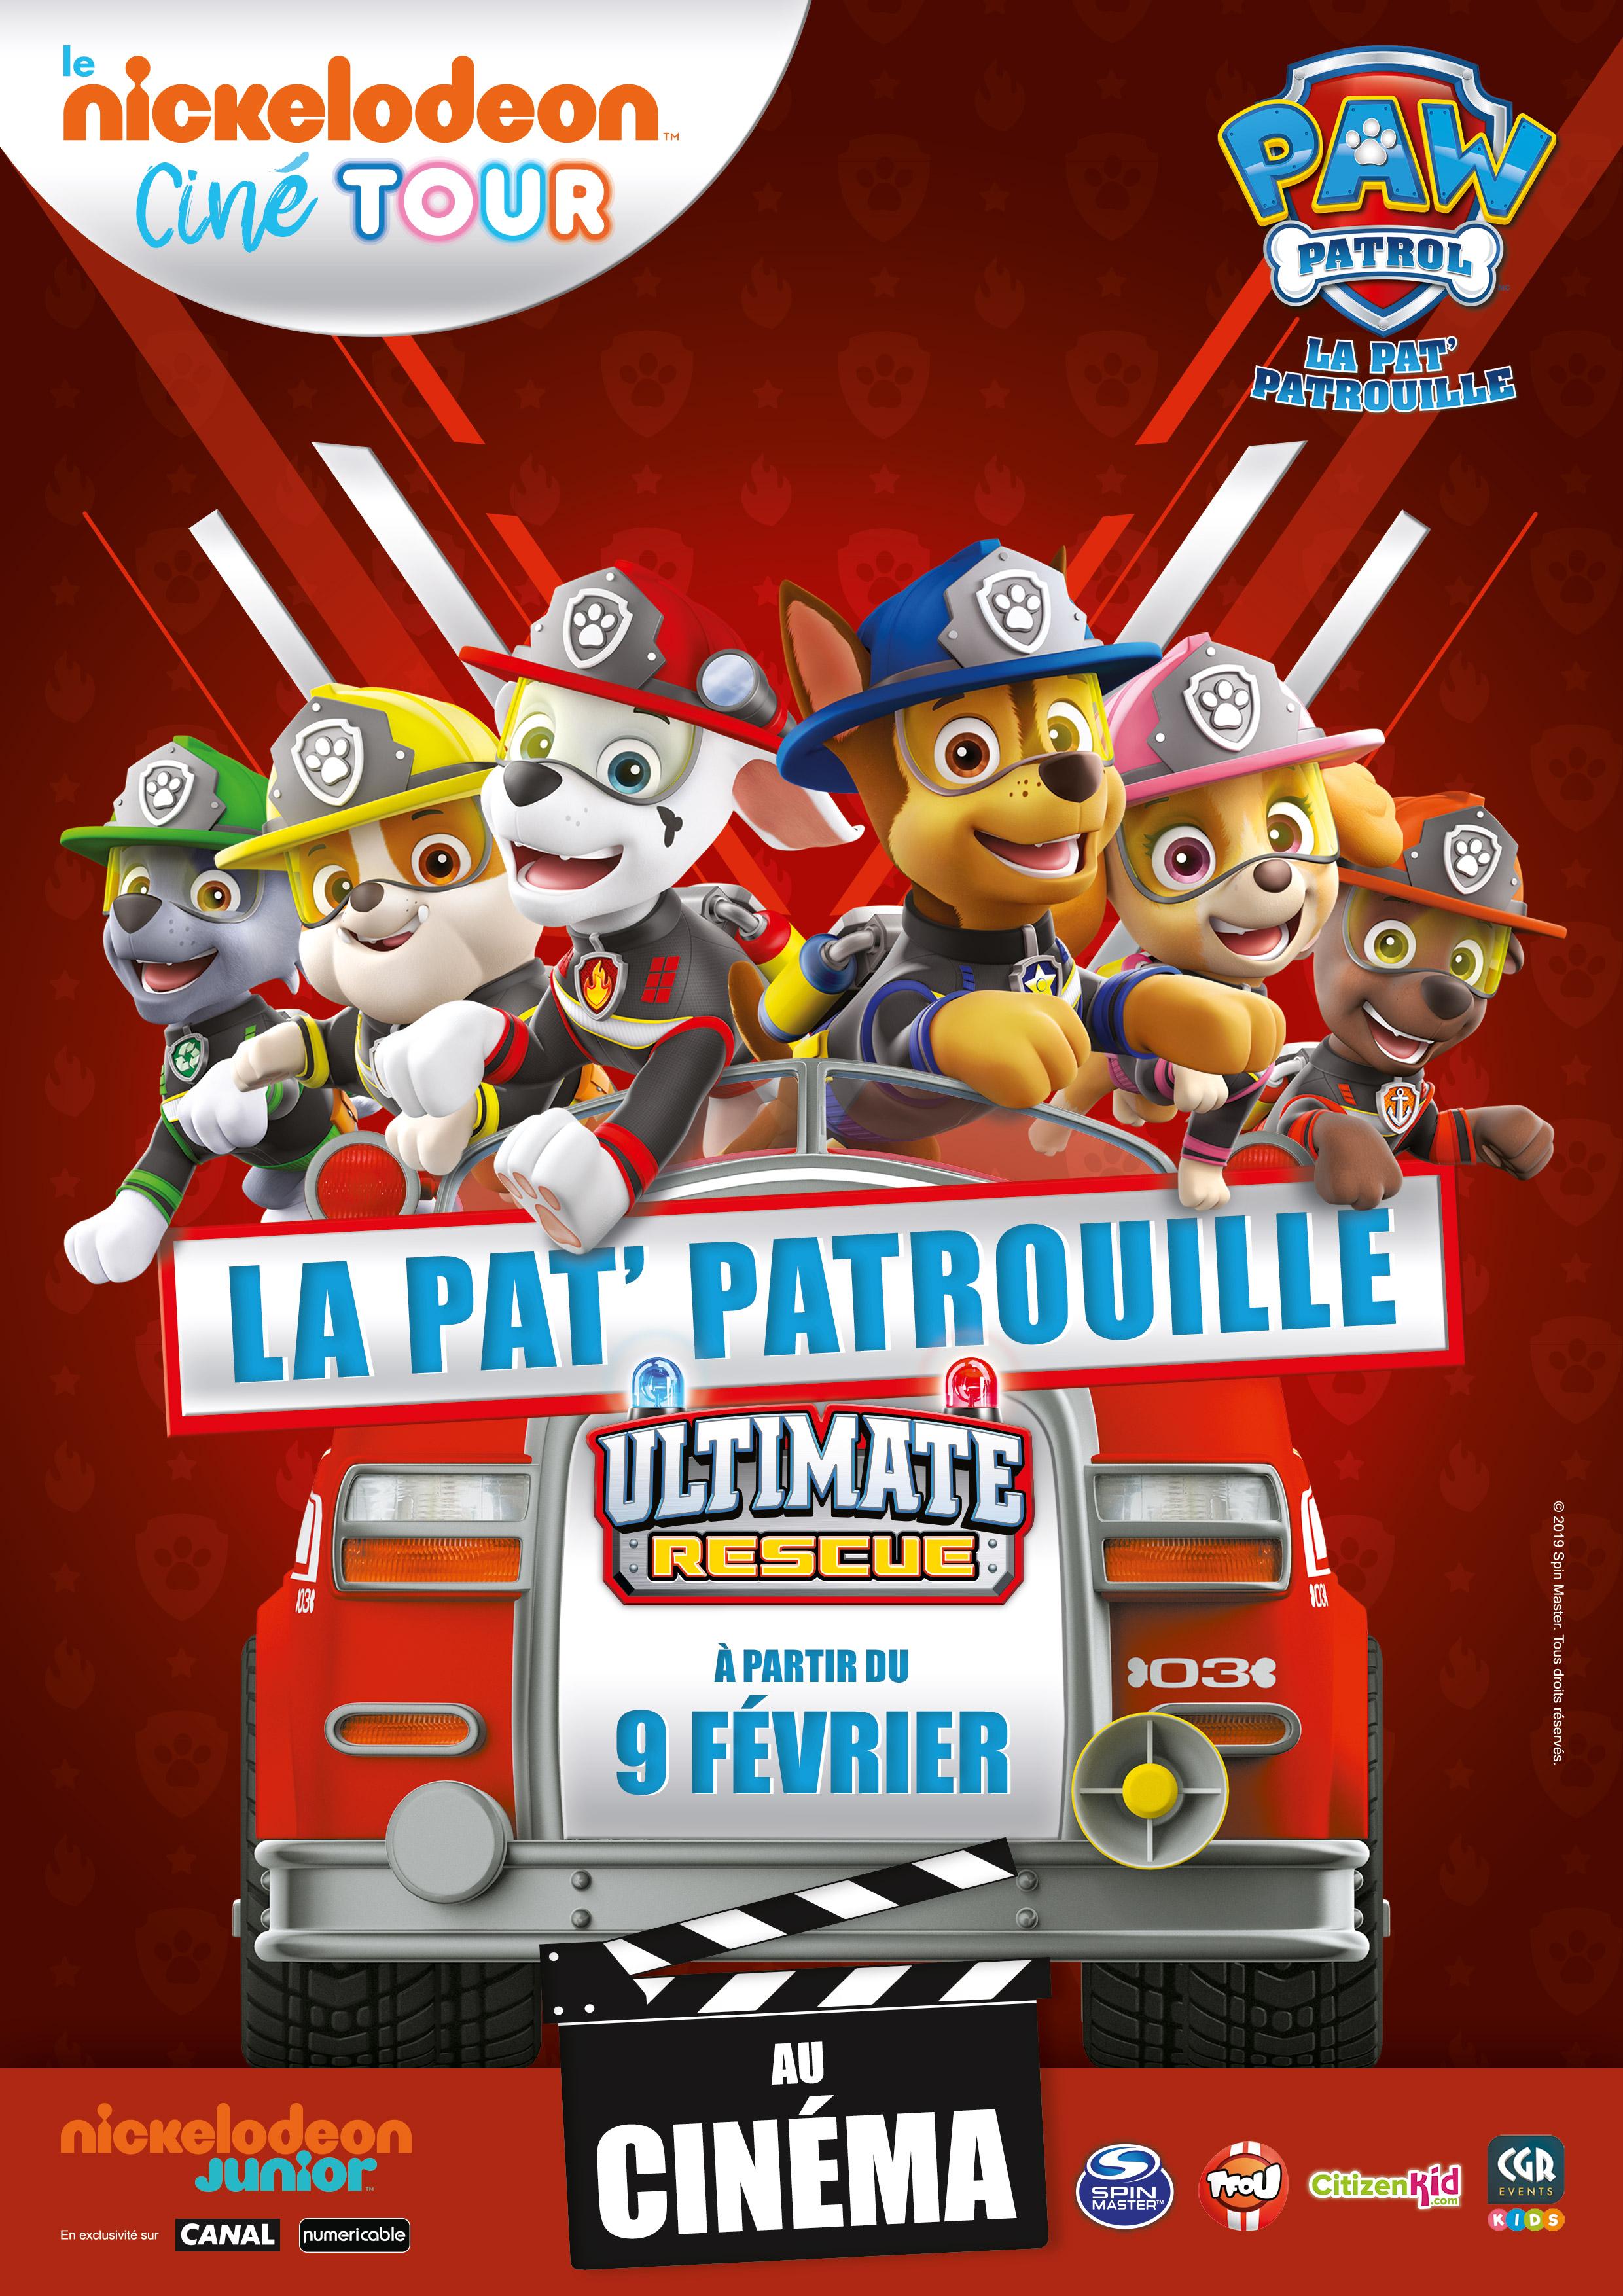 Pat Patrouille Au Cinéma Court Métrage Allociné